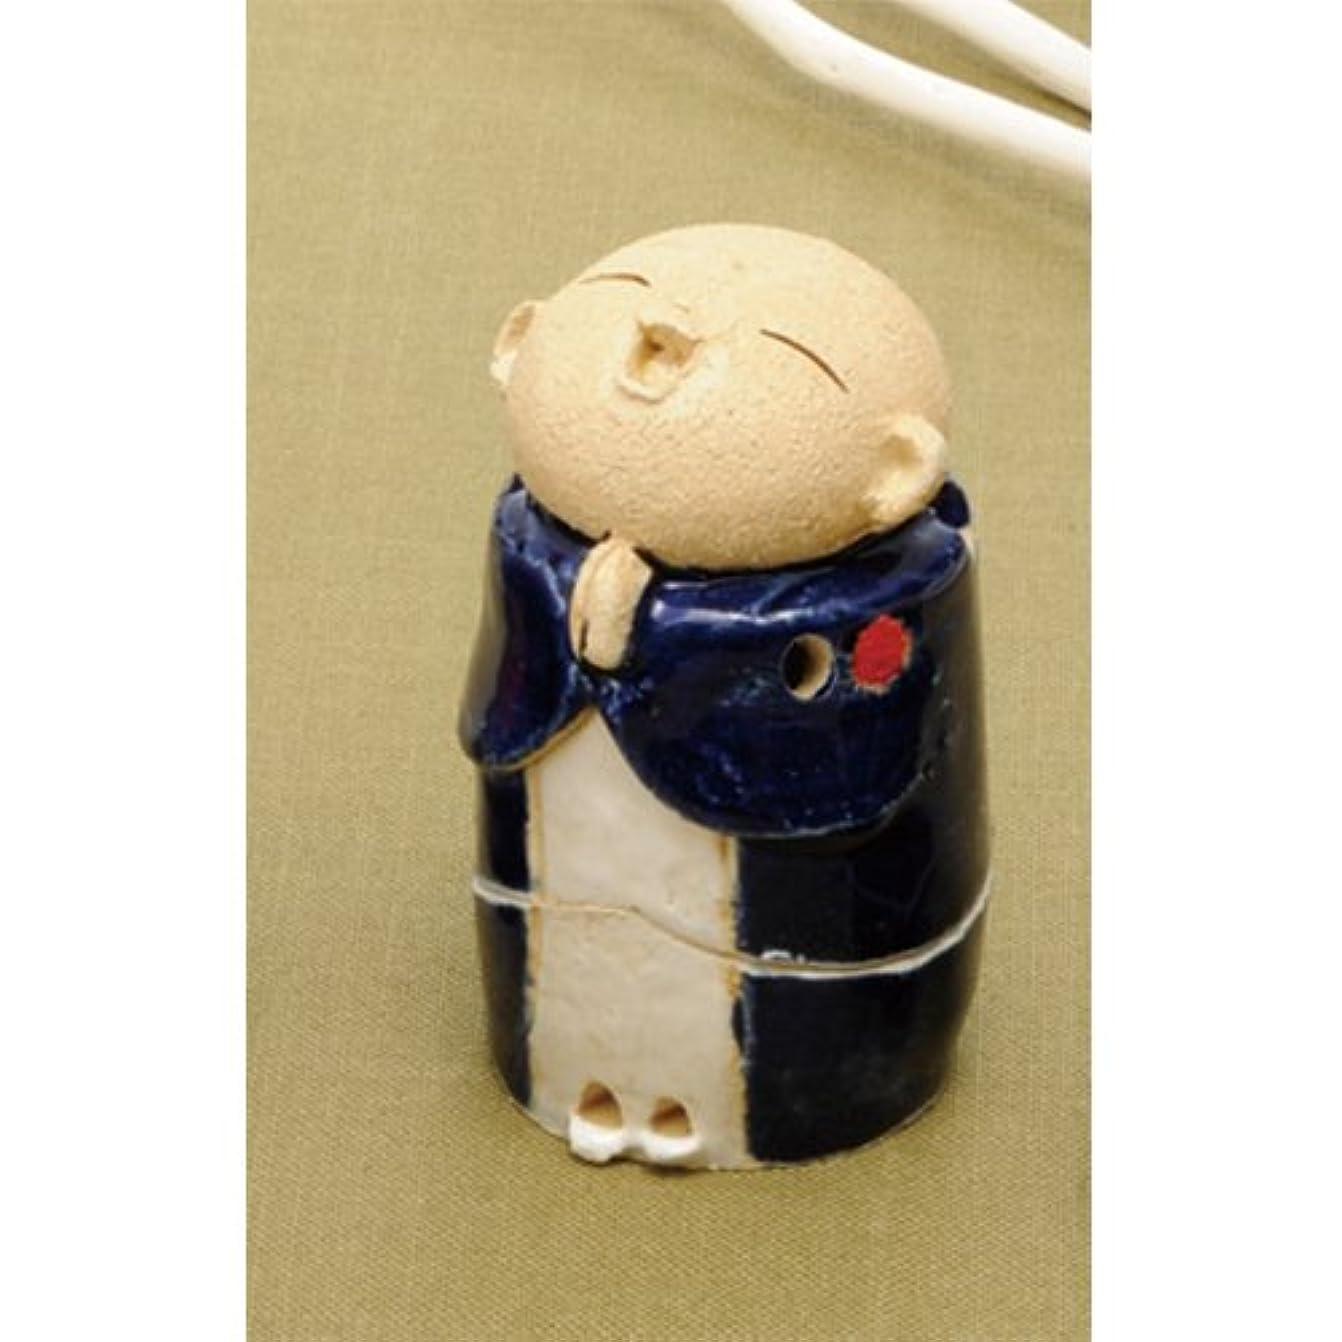 合成にはまってしないお地蔵様 香炉シリーズ 青 お地蔵様 香炉 2.8寸 [H8.5cm] HANDMADE プレゼント ギフト 和食器 かわいい インテリア